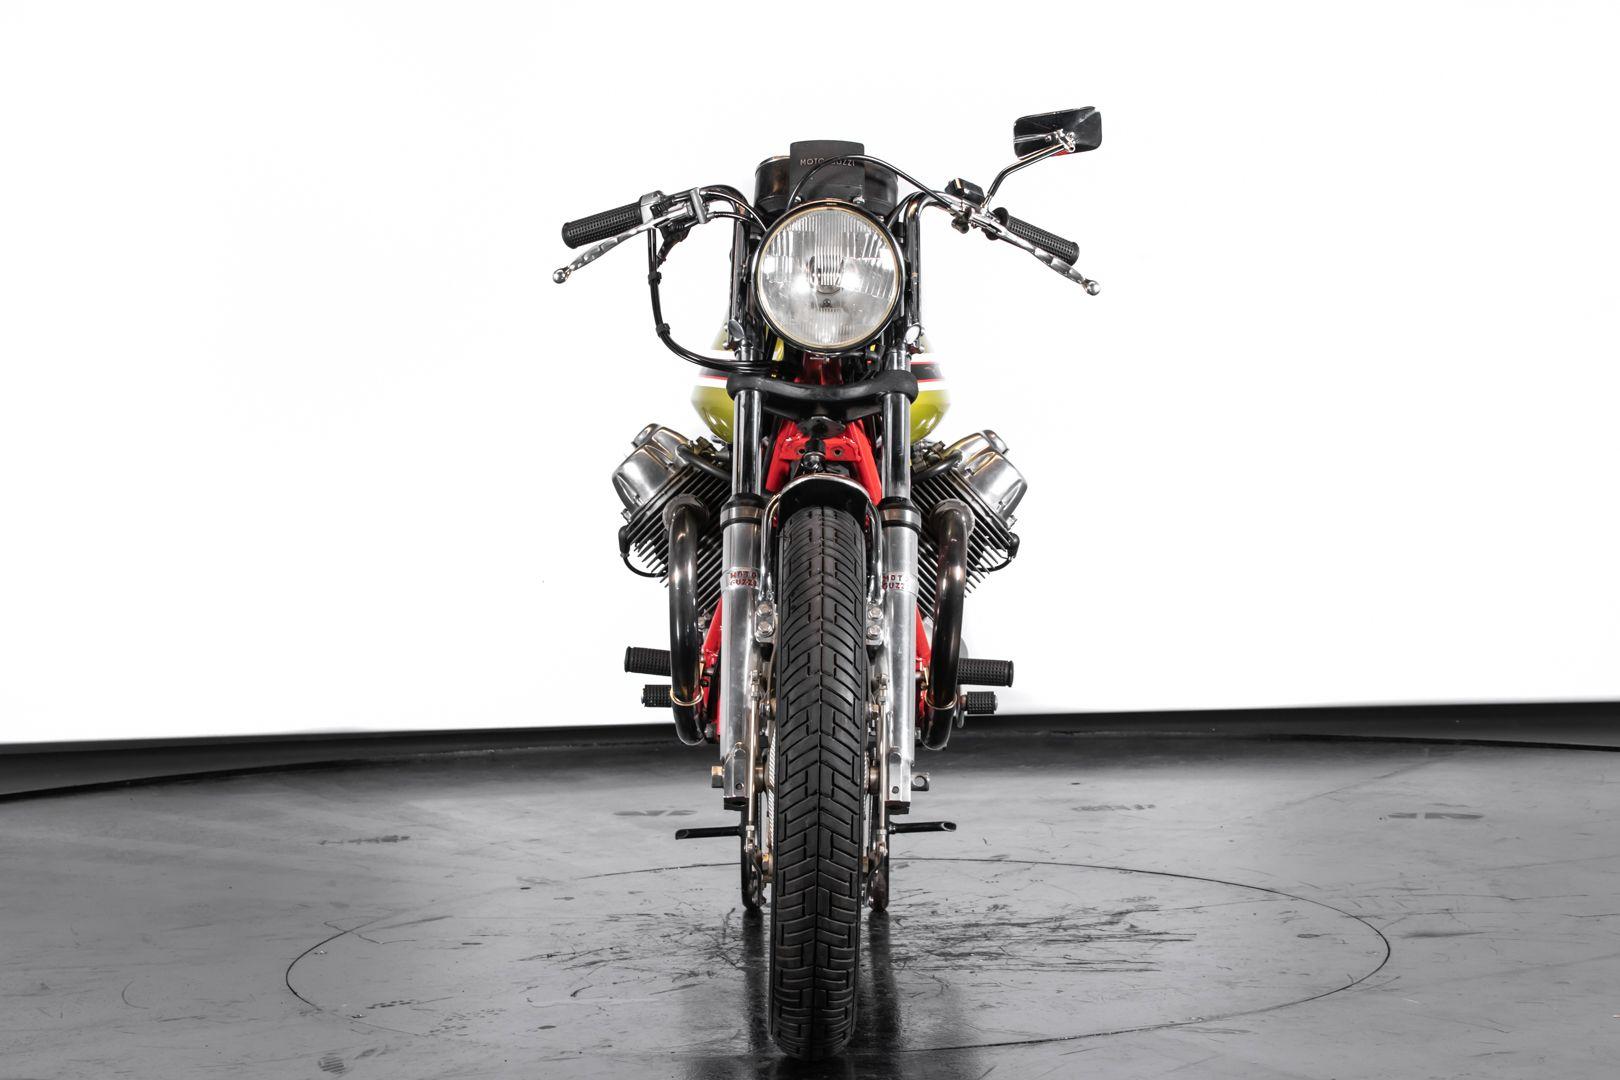 1972 Moto Guzzi V7 Sport Telaio Rosso 76499